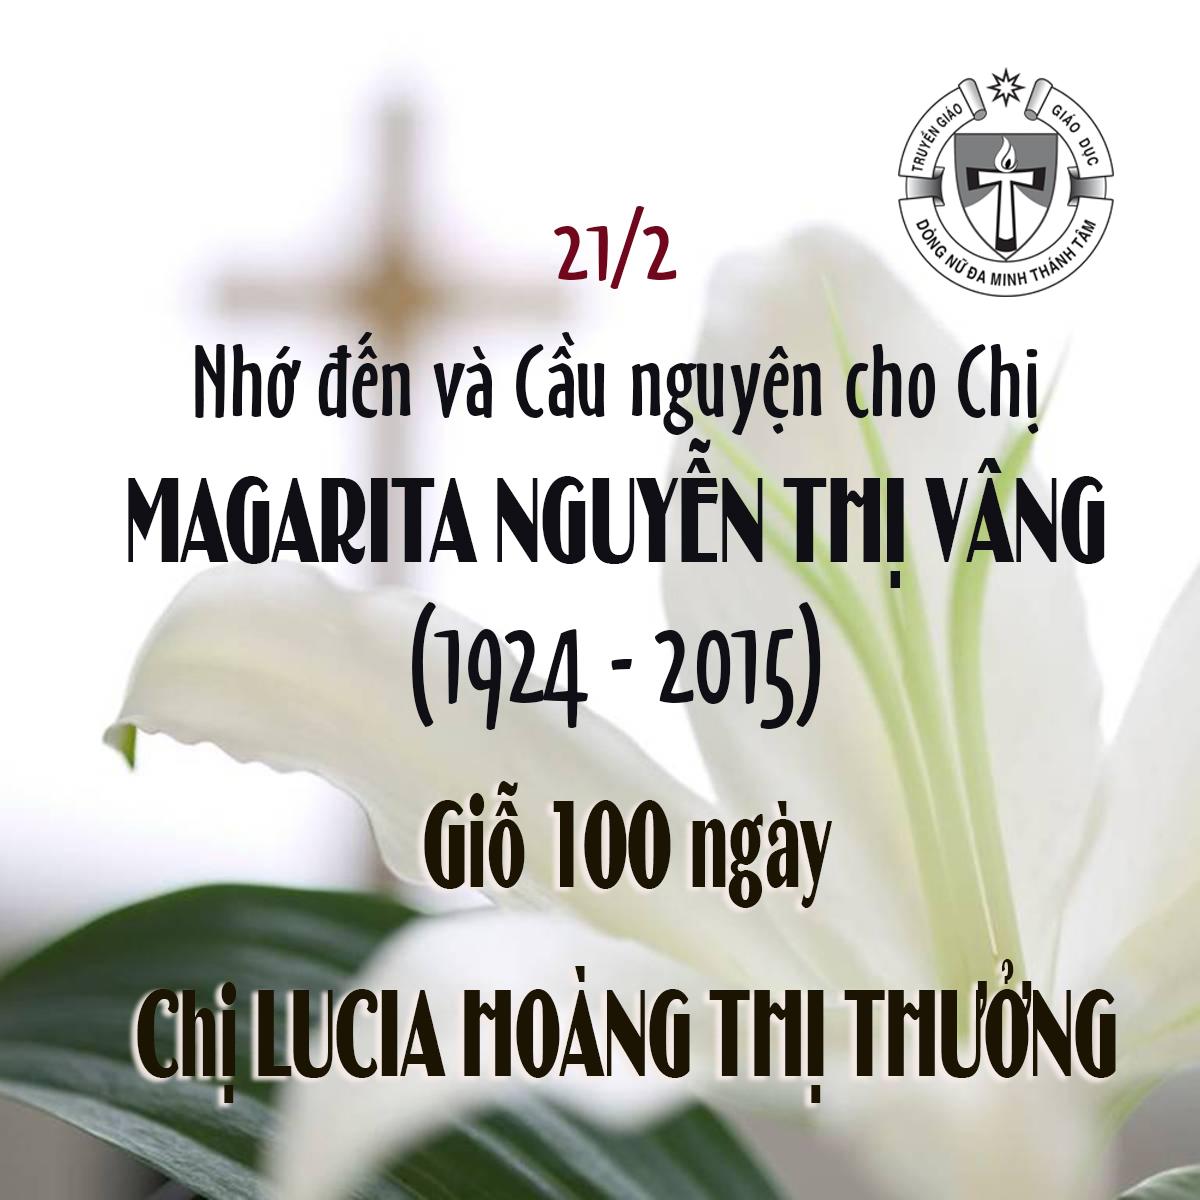 Giỗ Chị MARGARITA NGUYỄN THỊ VÂNG (1924-2015) & Giỗ 100 ngày Chị LUCIA HOÀNG THỊ THƯỞNG